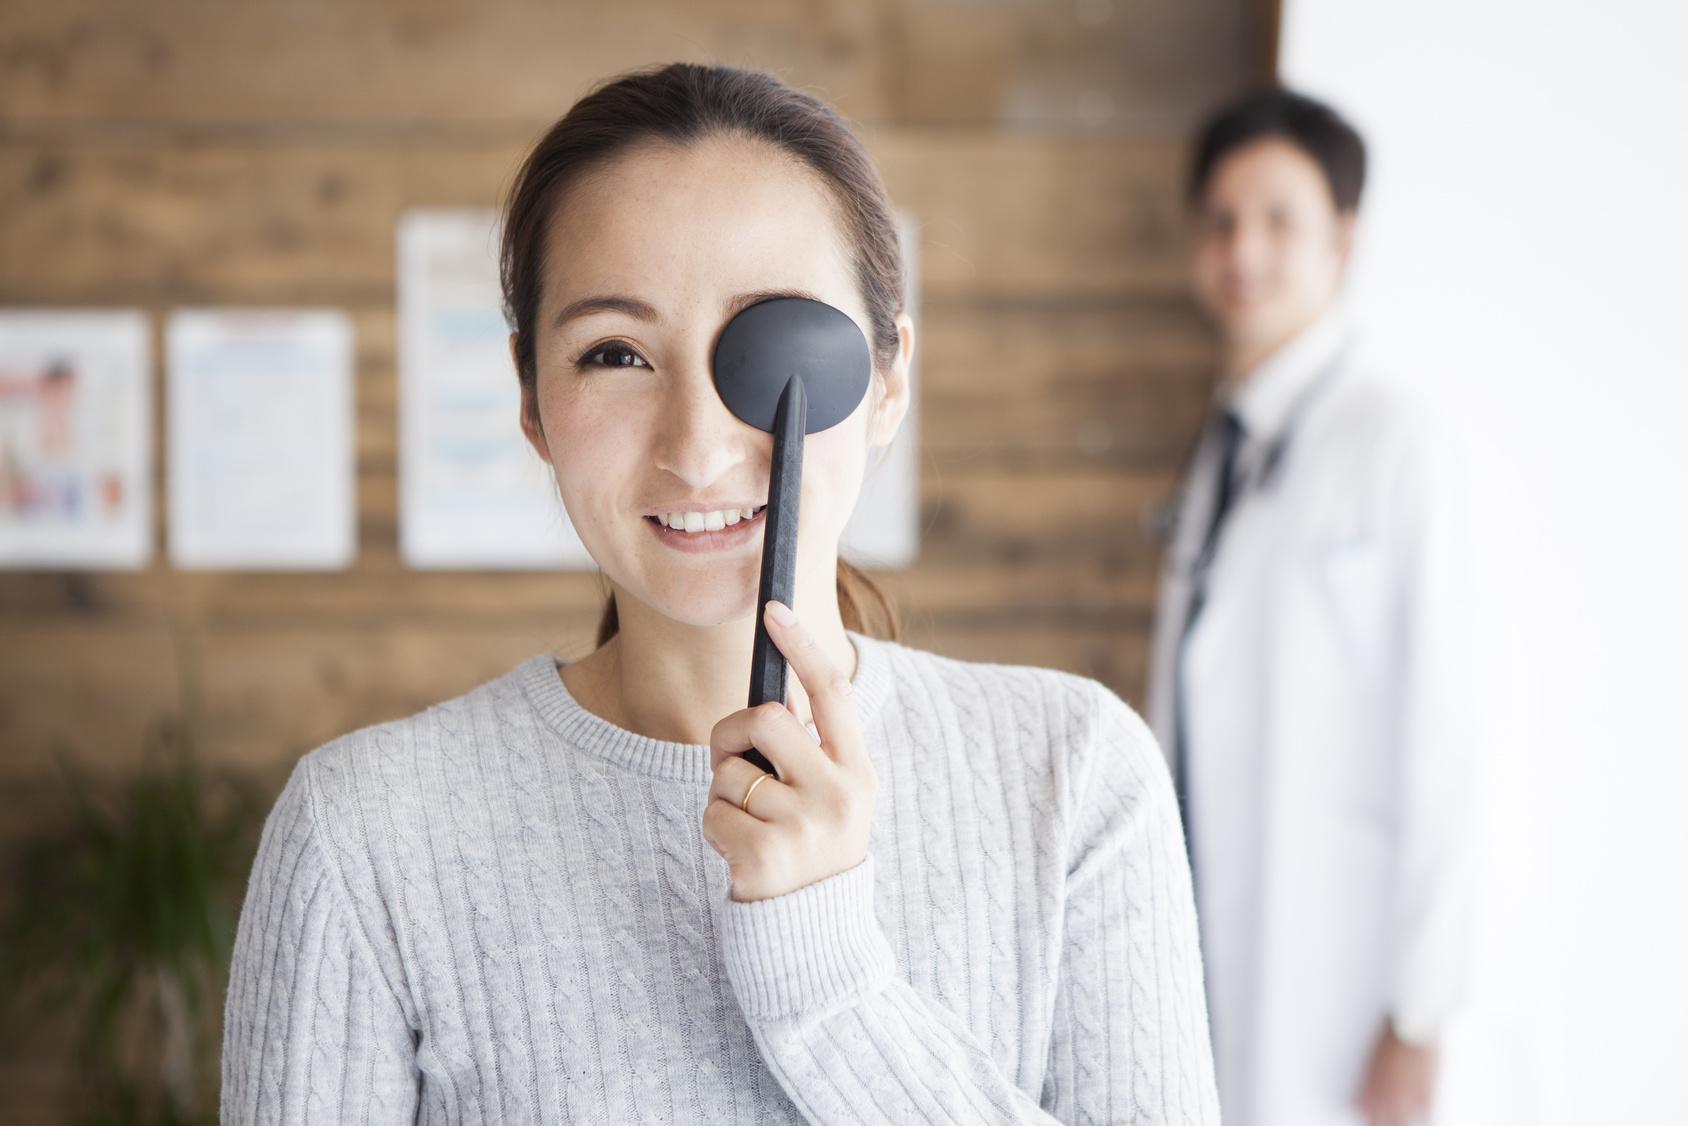 【安心感で比較】レーシック以外の視力回復術4つ